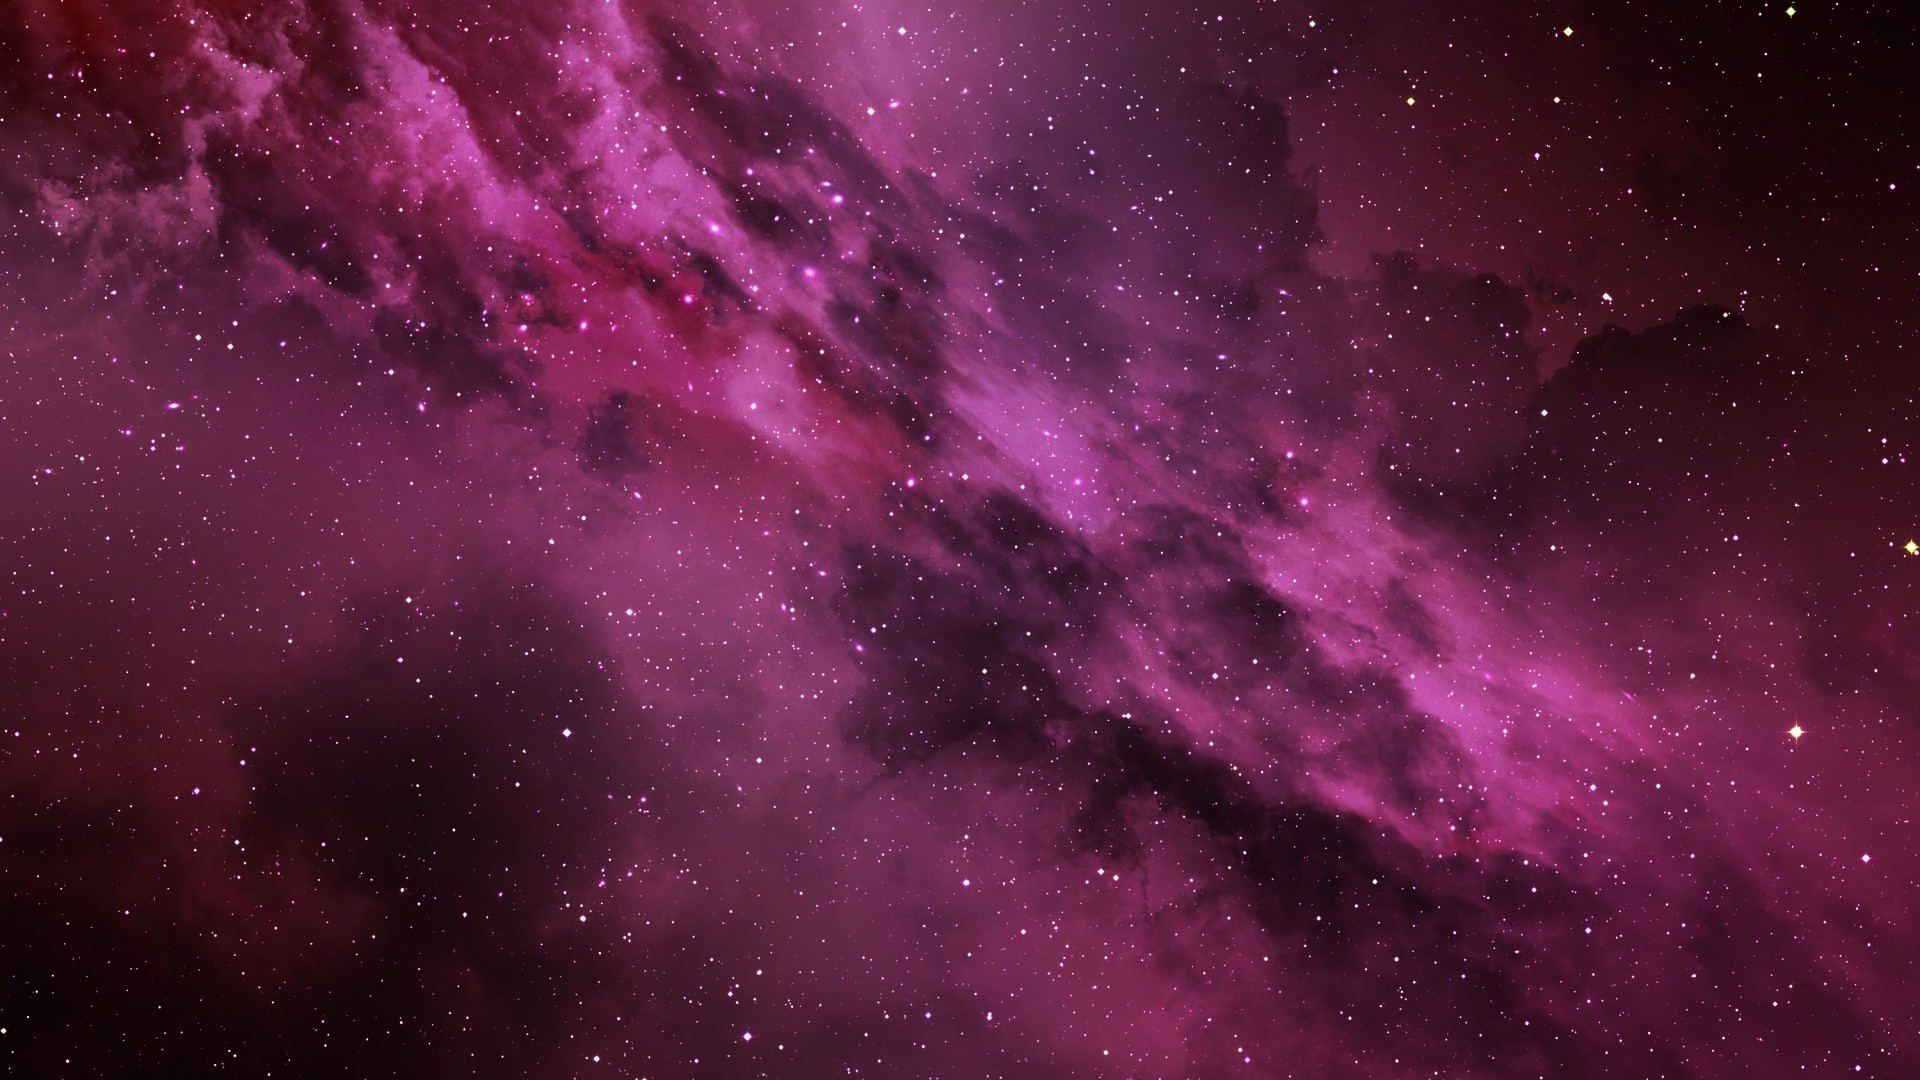 Galaxy Glitter Image